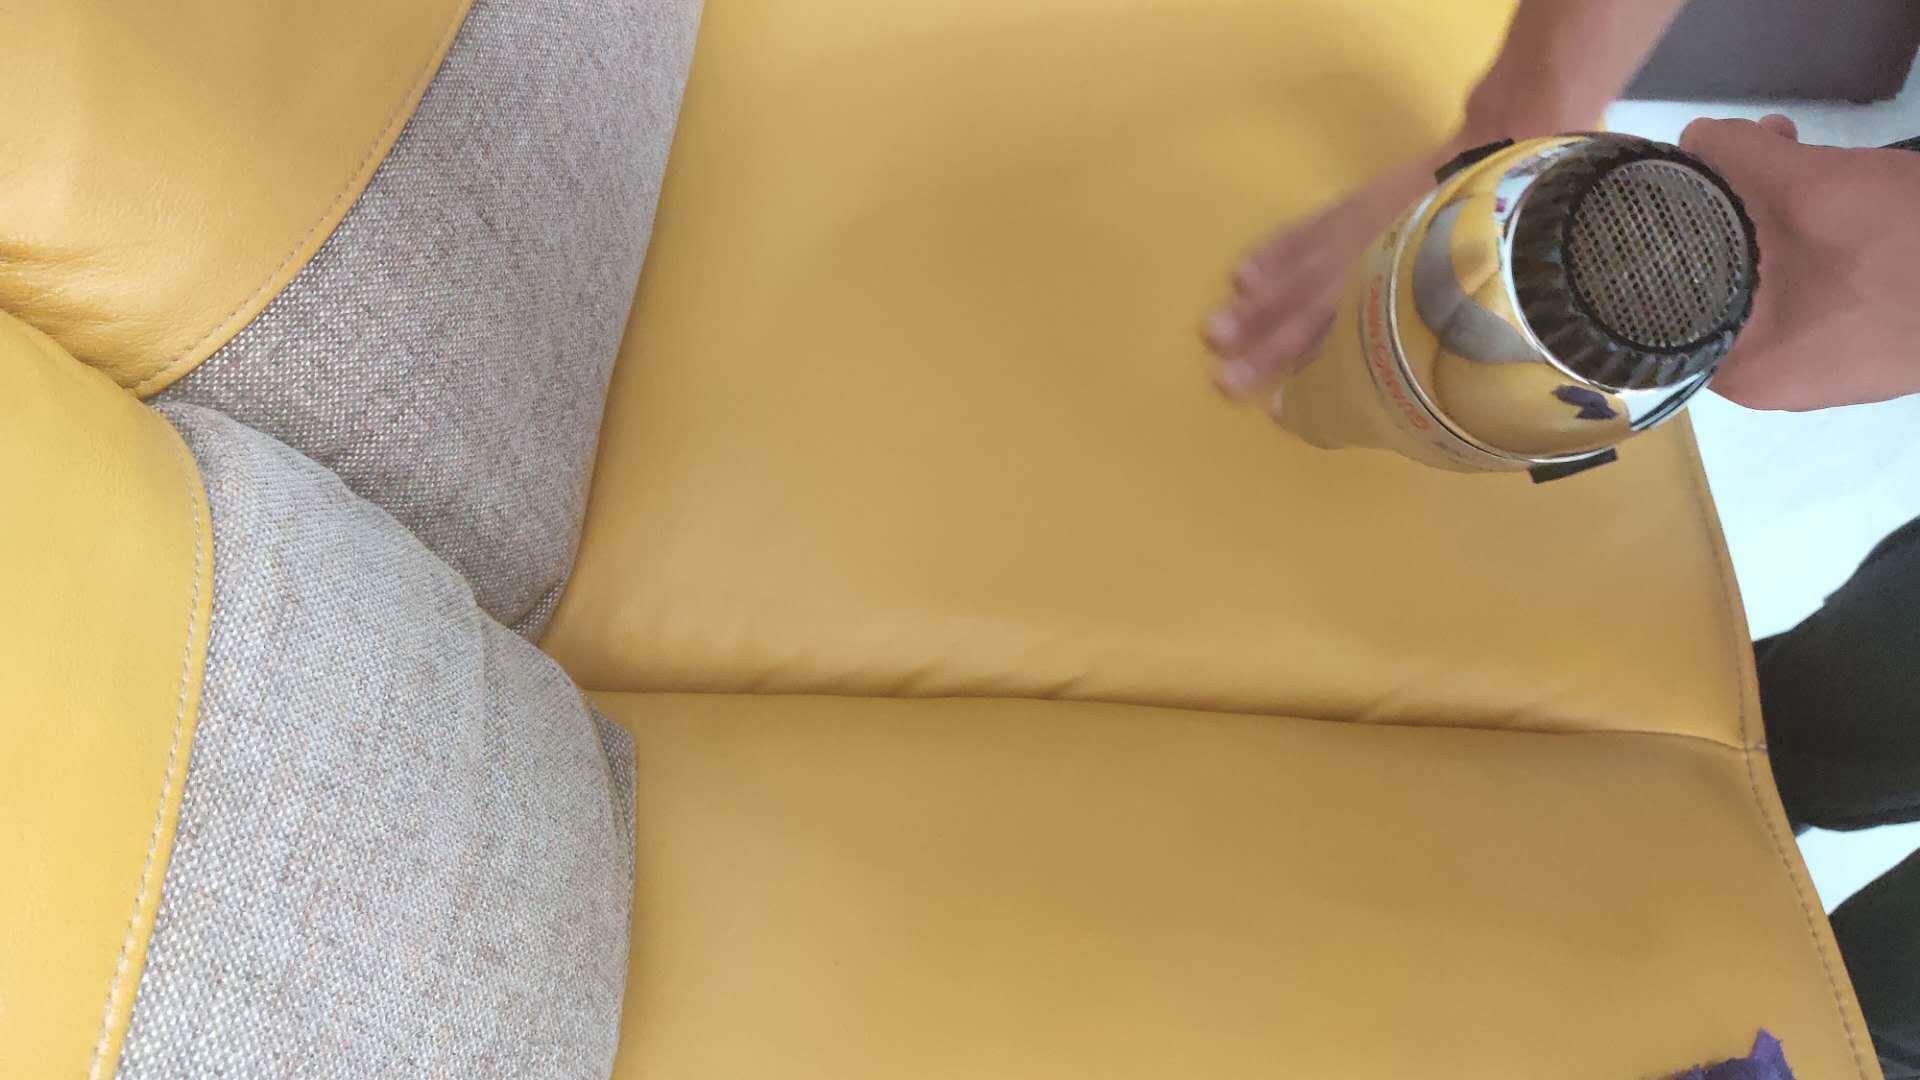 家具美容修复技术3-掉皮的光面皮具修复翻新步骤教程-家具美容网